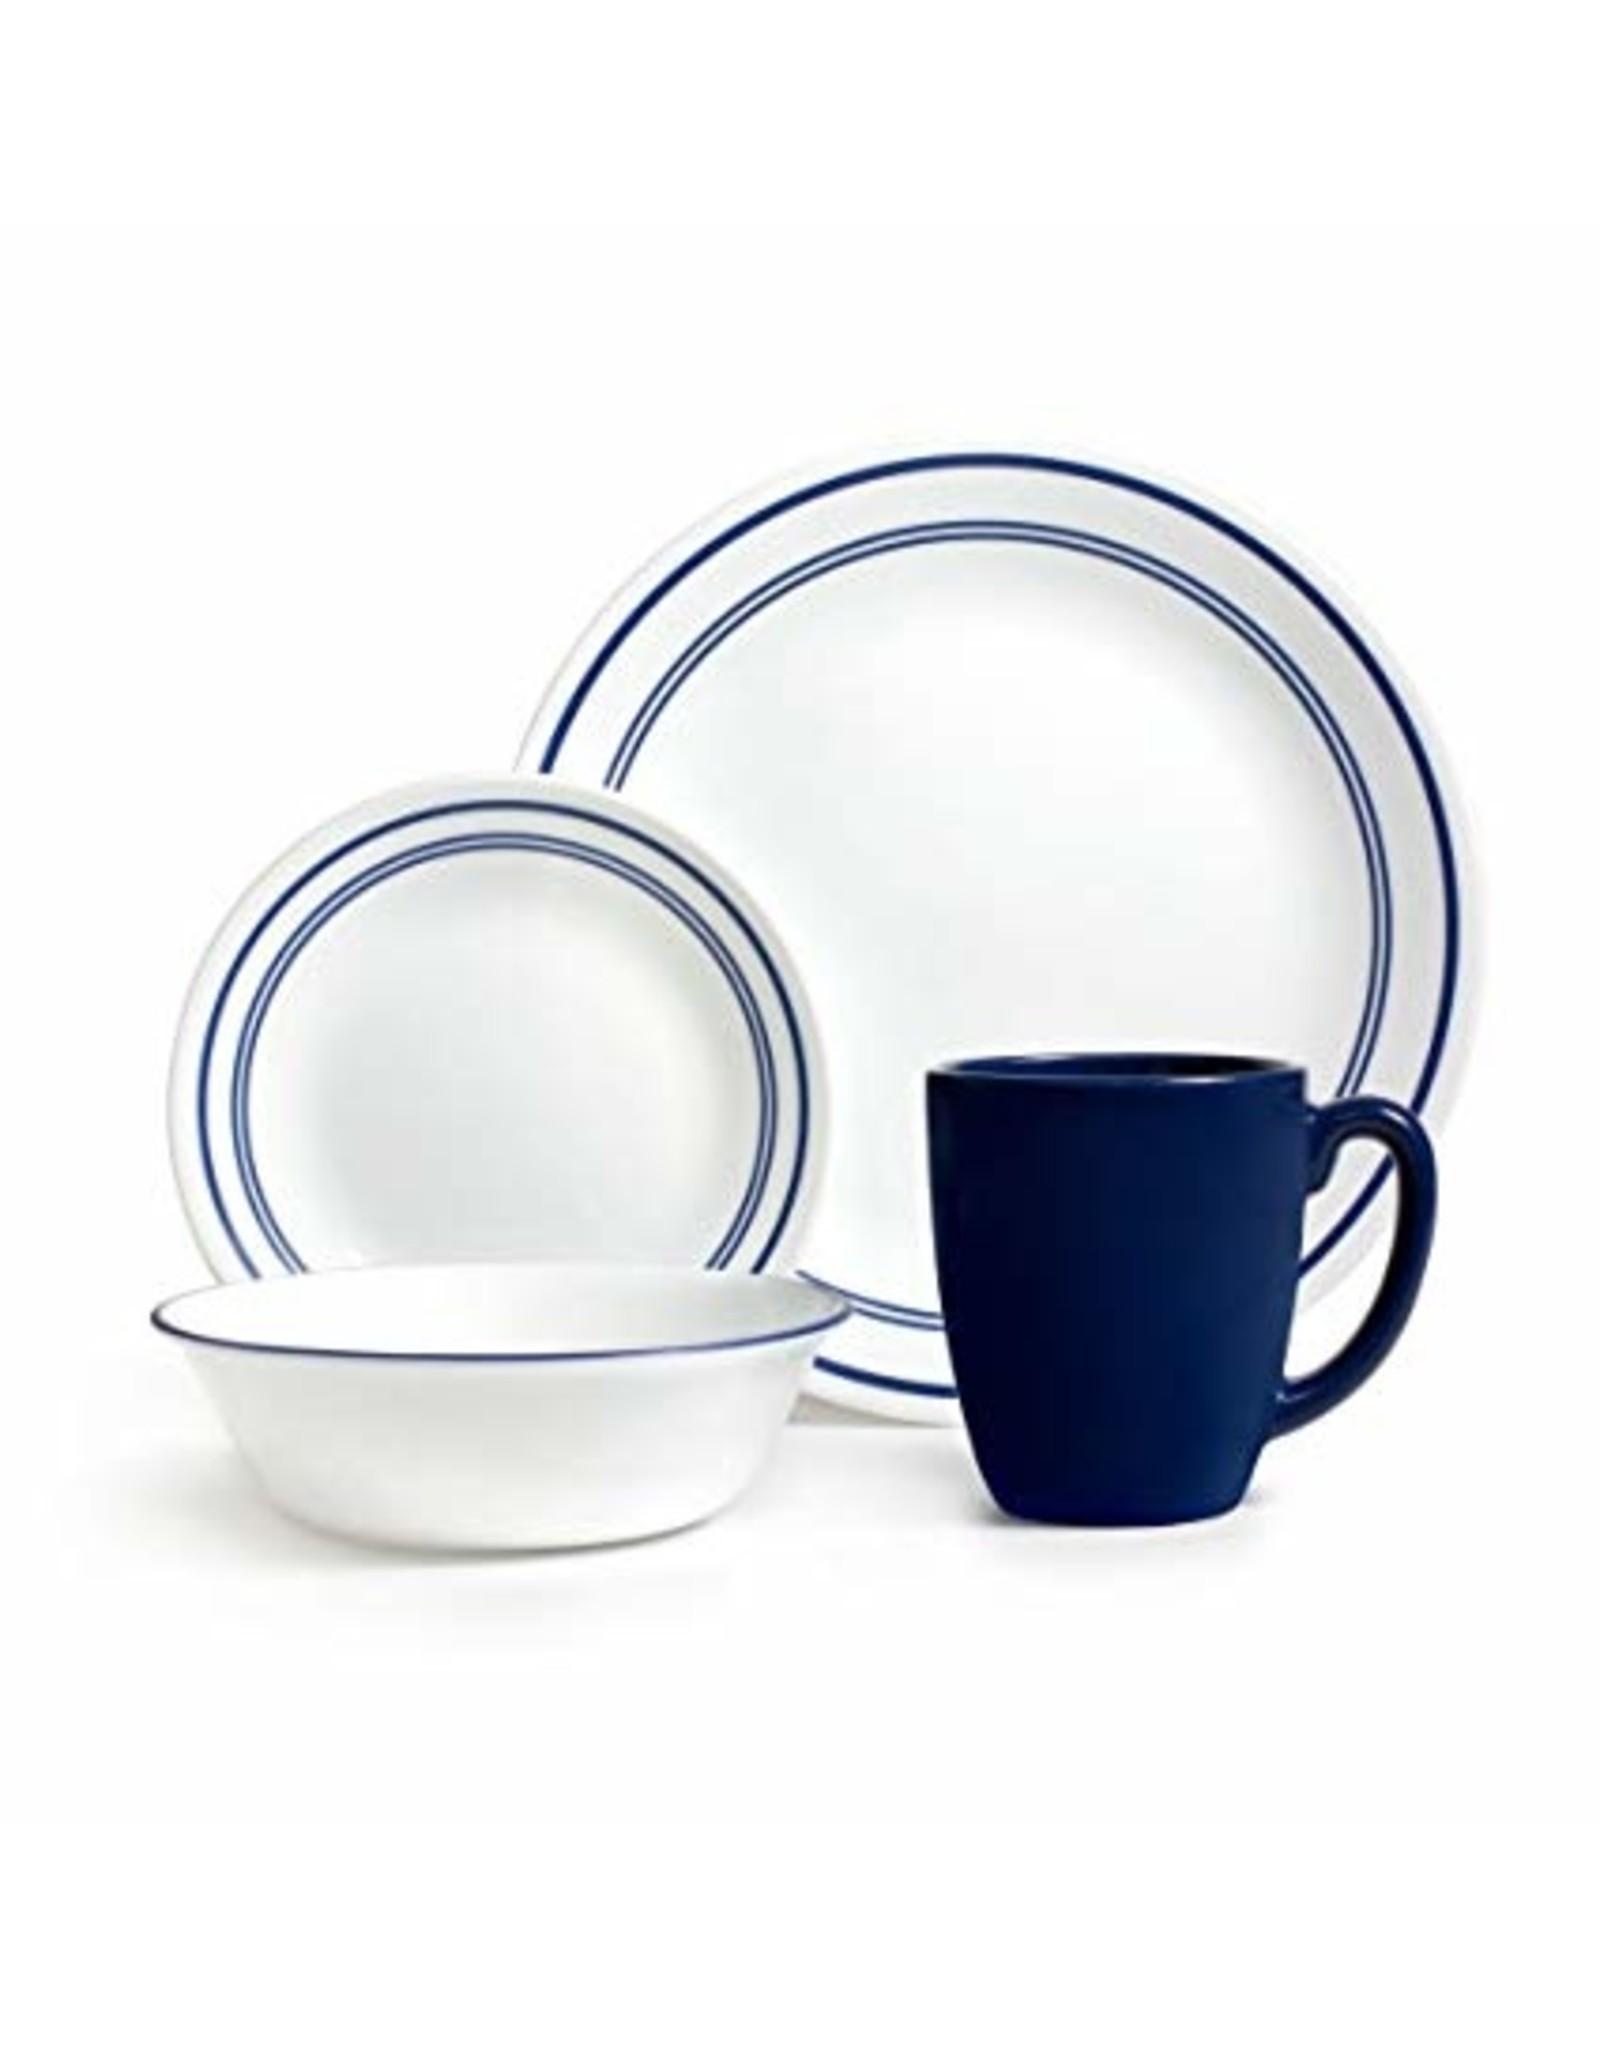 Corelle CORELLE SET CLASSIC, CAFE BLUE Service for 4